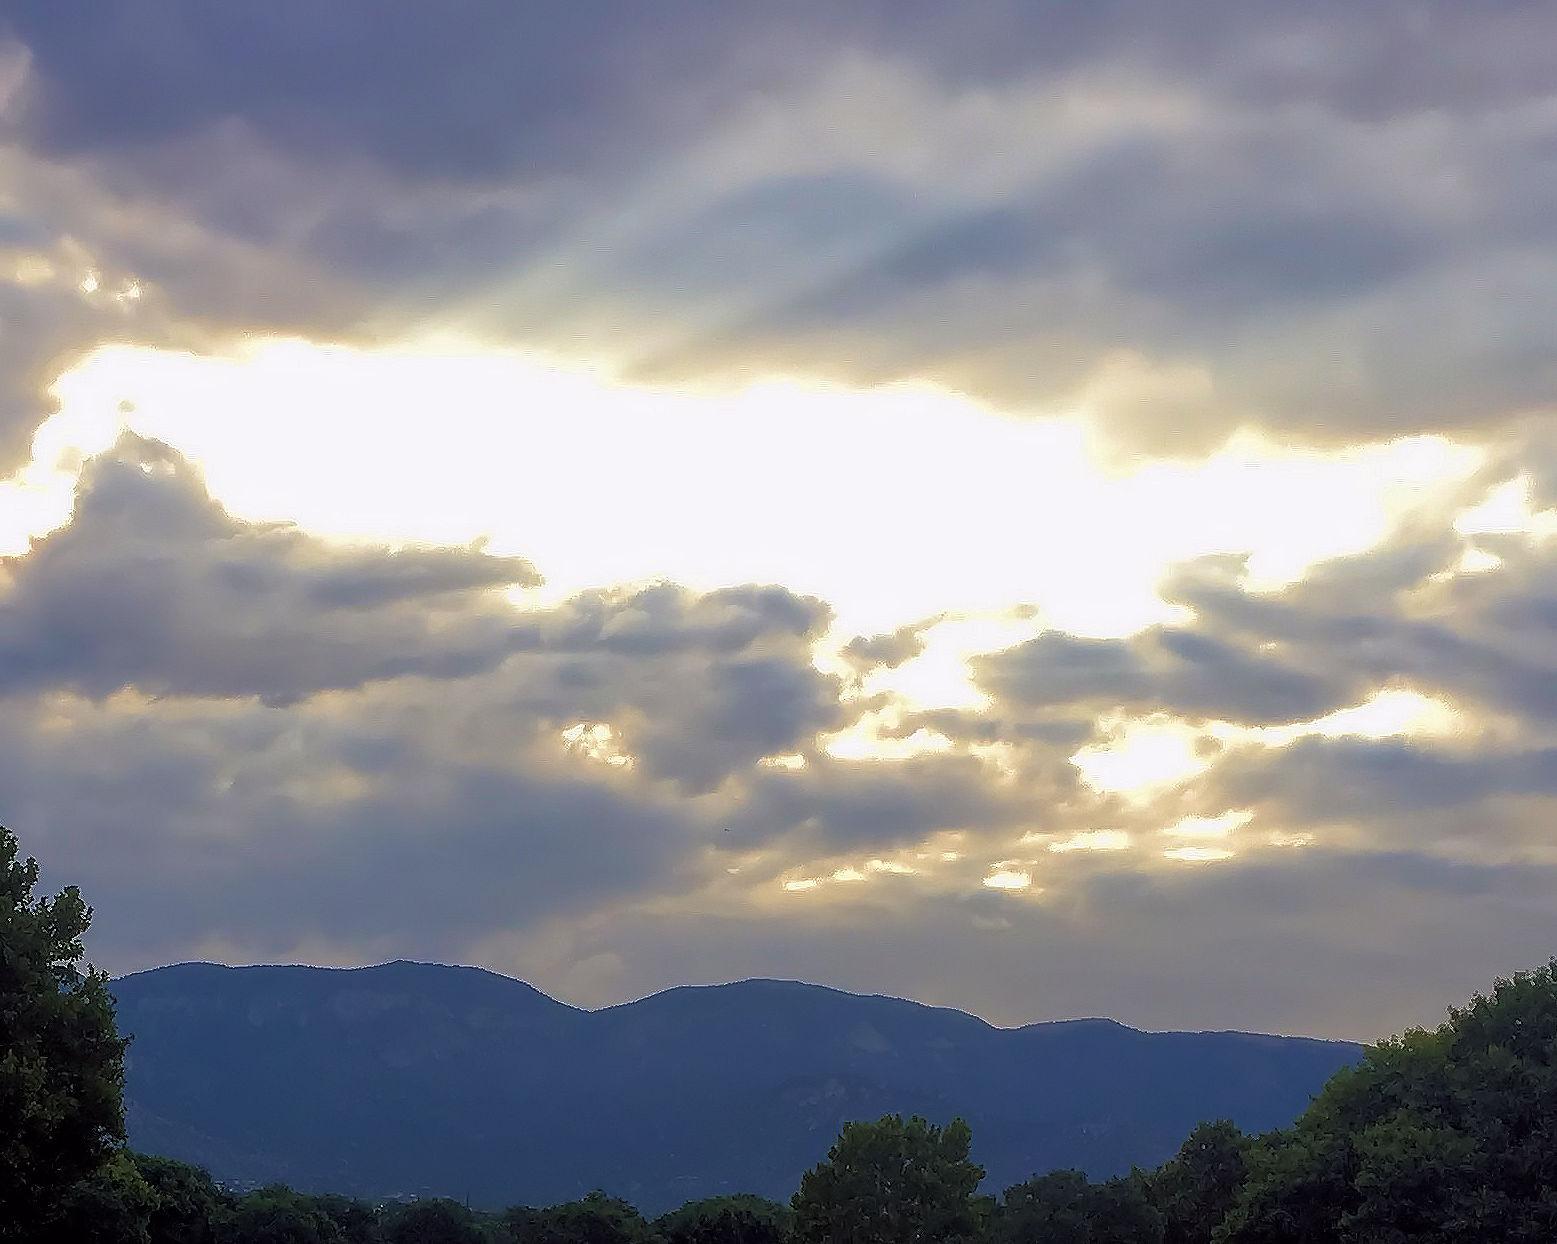 sky and mts1abc.jpg